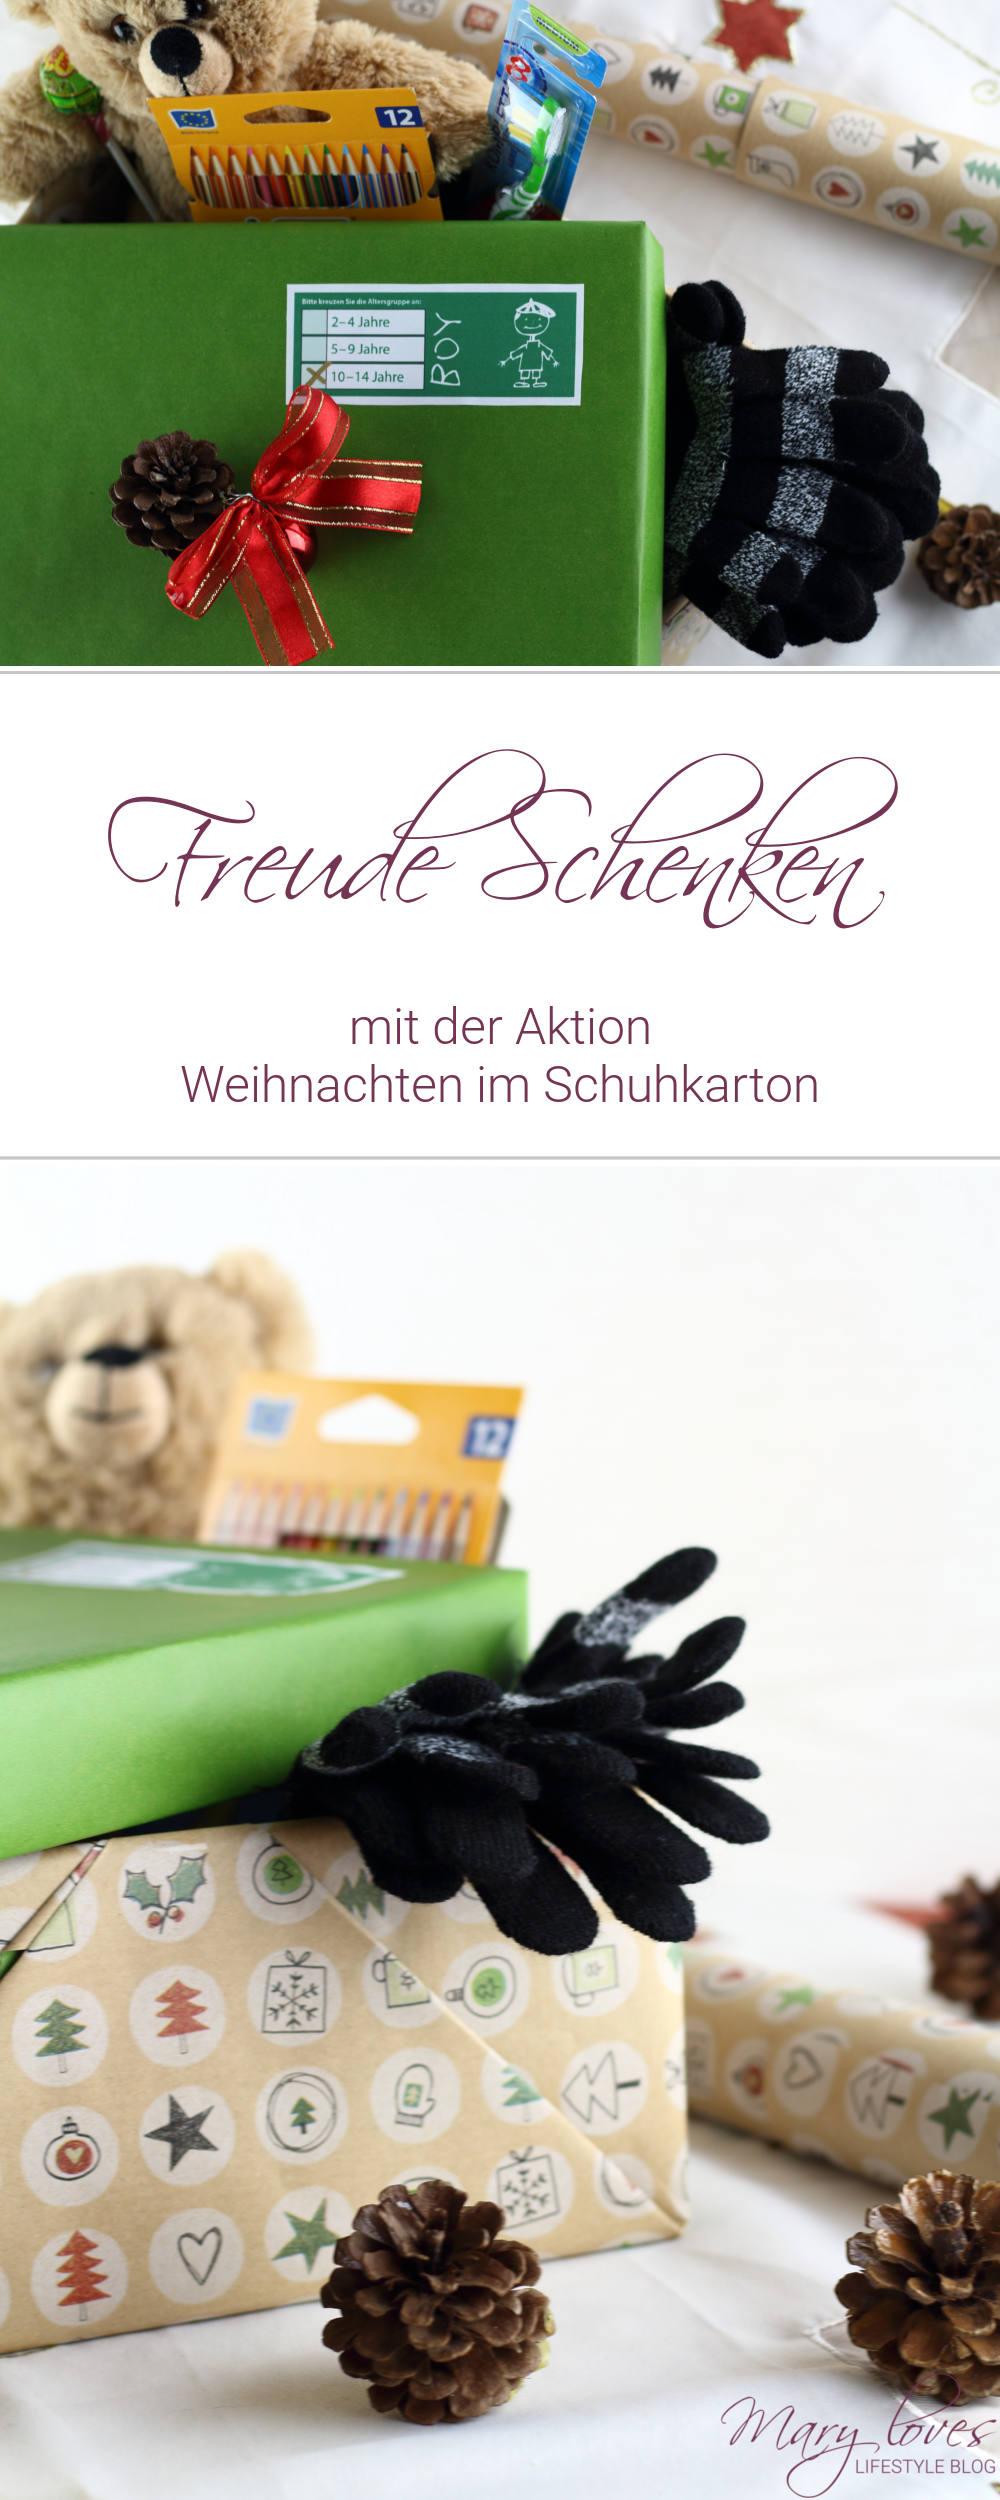 Freude Schenken - Mit der Aktion Weihnachten im Schuhkarton - #WeihnachtenimSchuhkarton #GeschenkederHoffnung #freudeschenken #jetztmitpacken